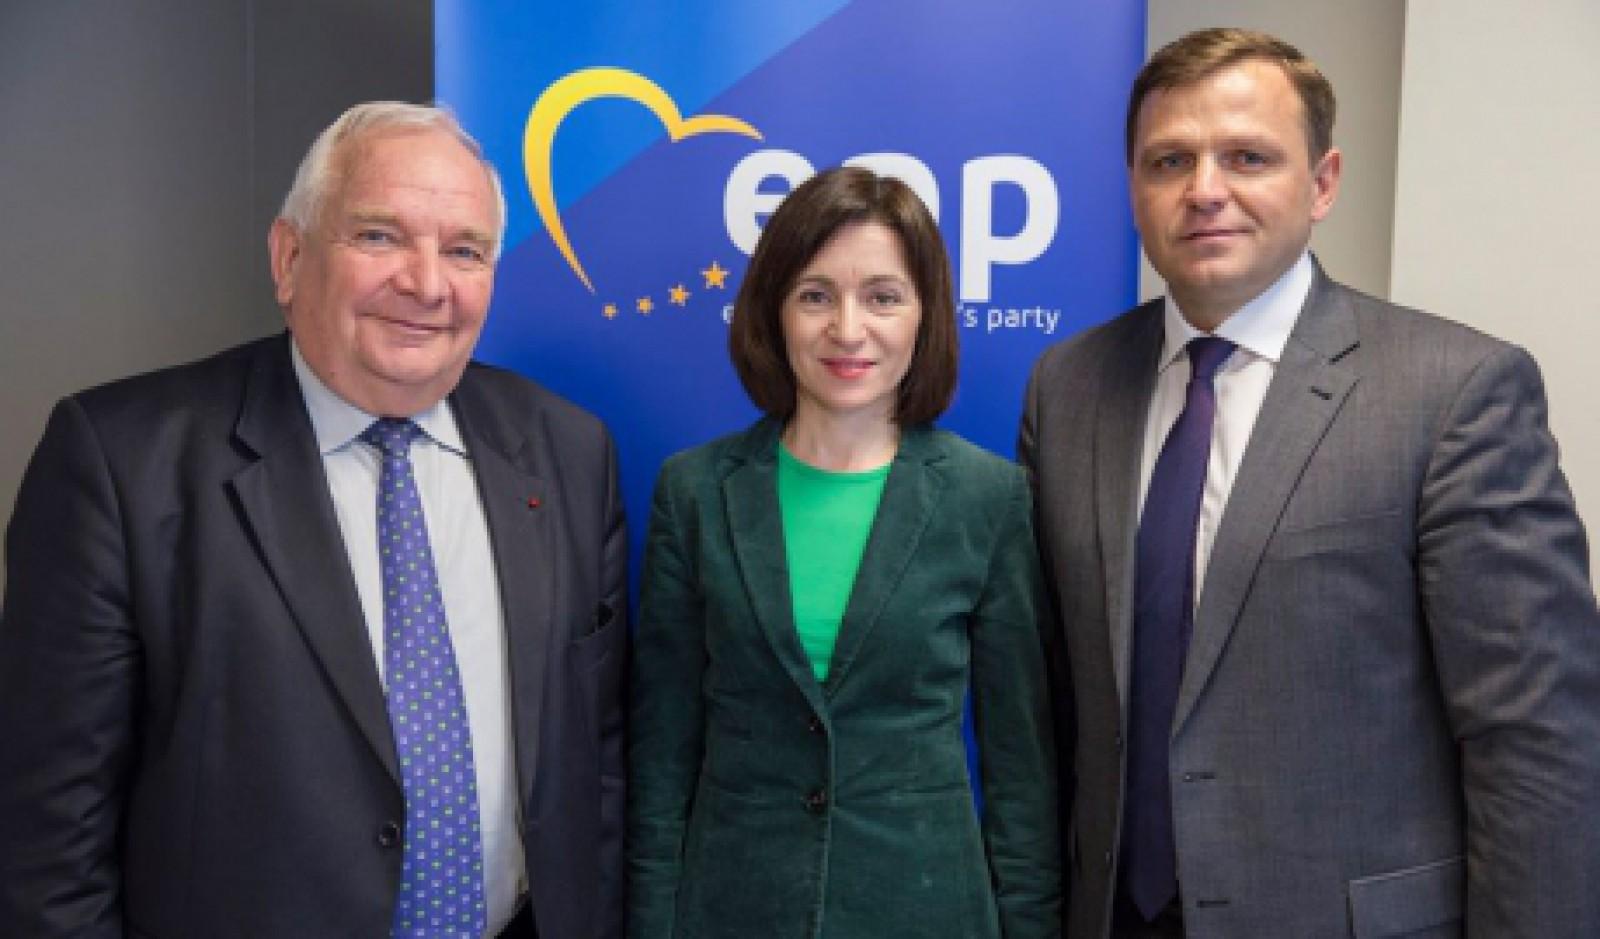 PAS și PPDA au devenit membri cu drepturi depline în Partidul Popular European